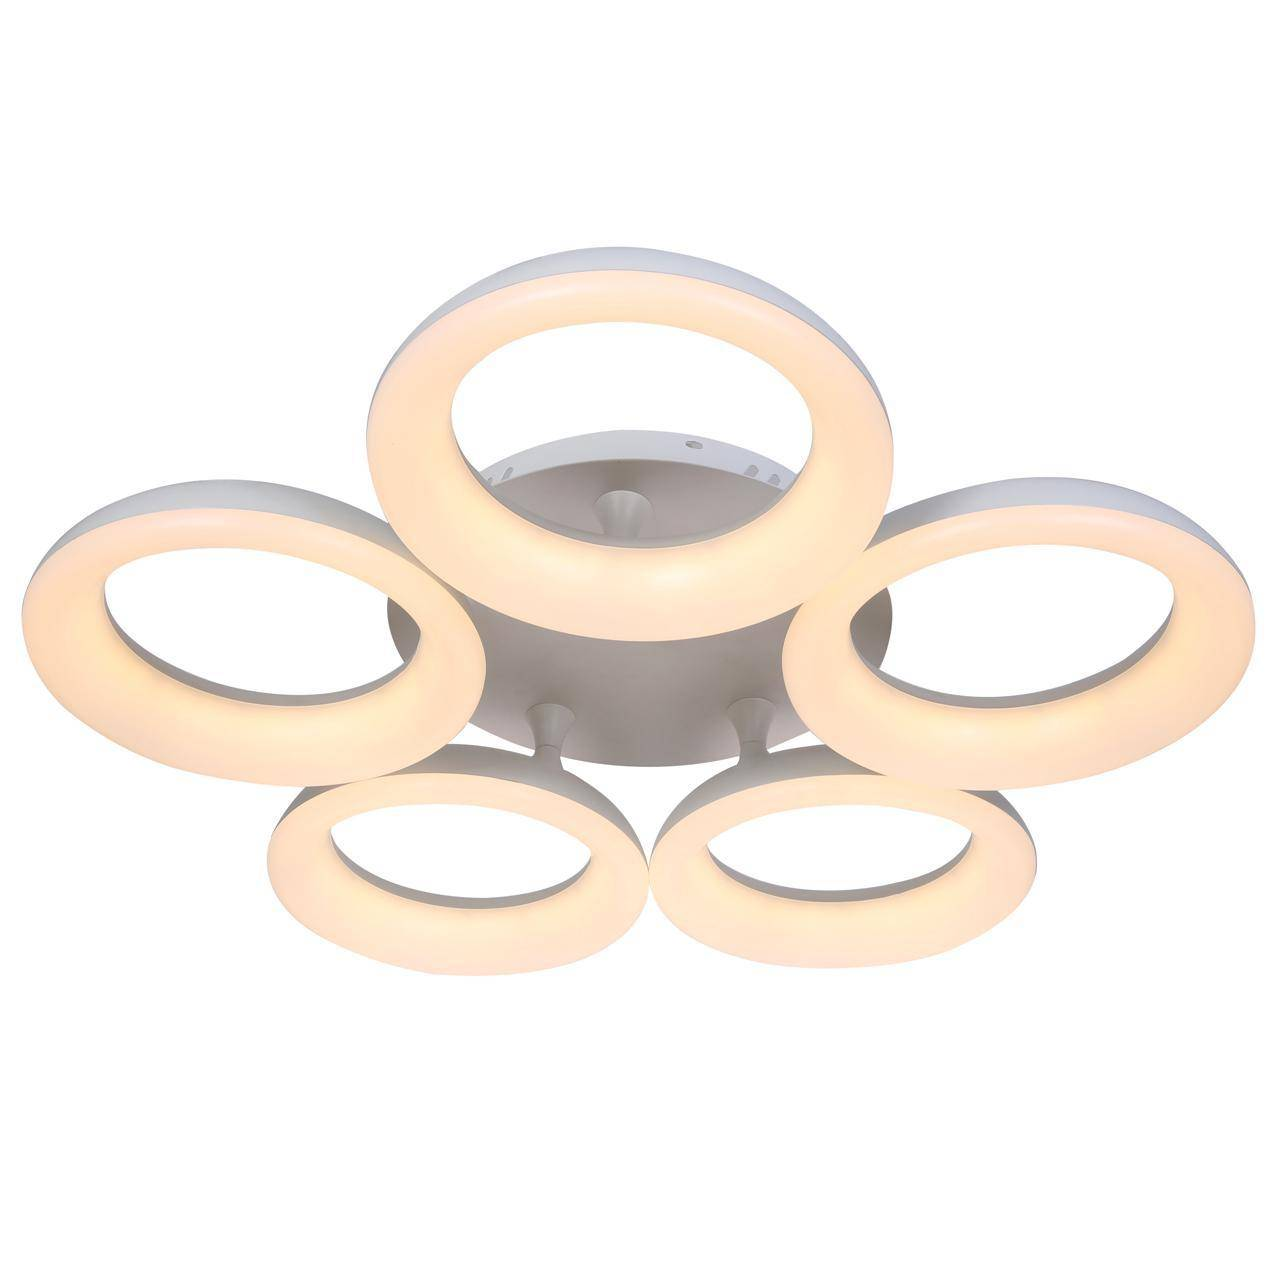 Потолочная светодиодная люстра Stilfort Rindel 2085/01/05C